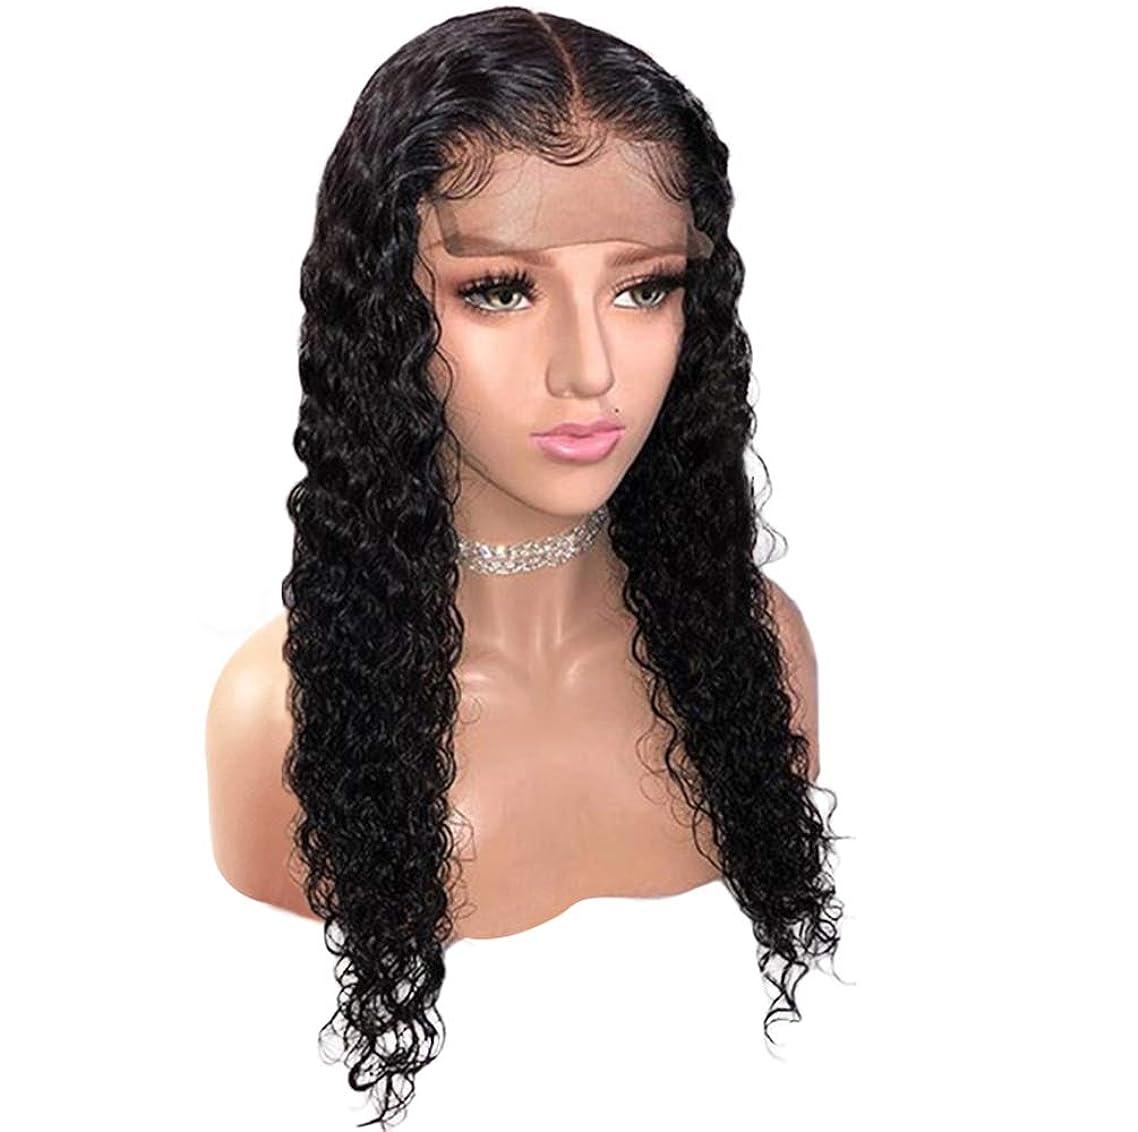 ボード寄付シーサイド女性ブラジルフロントレースかつら人間の髪の毛130%合成合成かつら耐熱毛髪のかつら黒24インチ